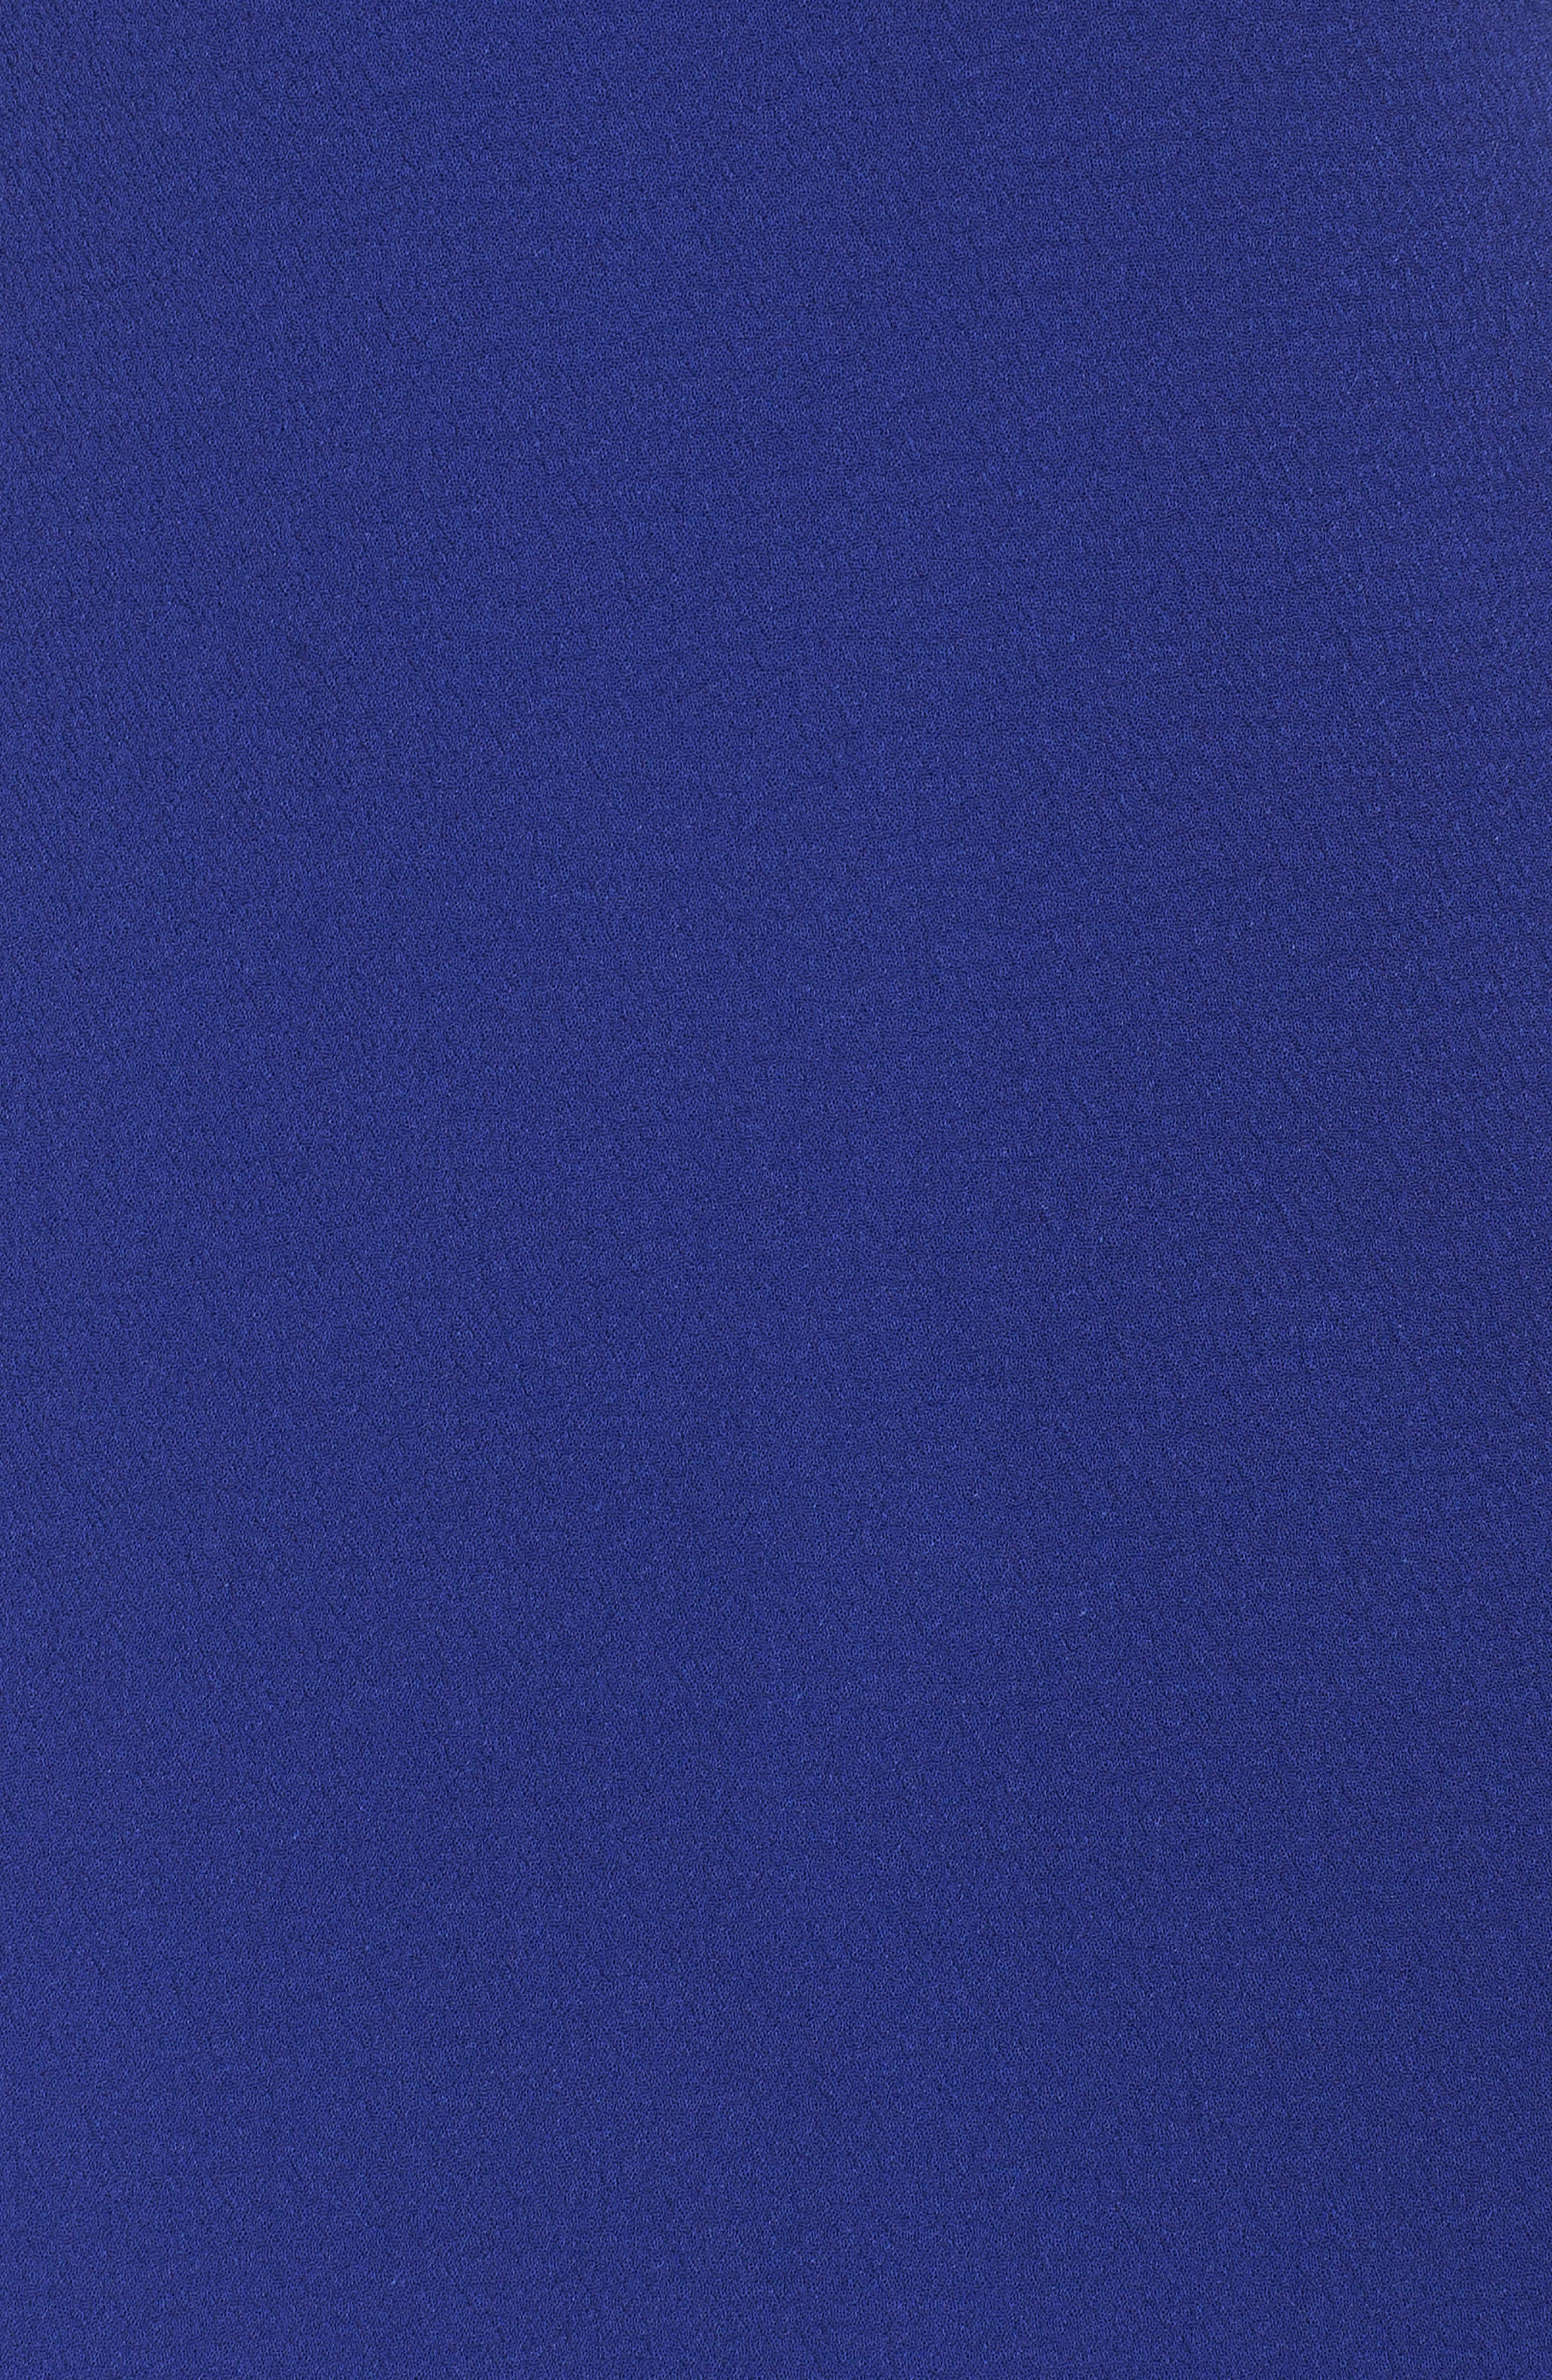 Bow Crepe A-Line Dress,                             Alternate thumbnail 6, color,                             COBALT